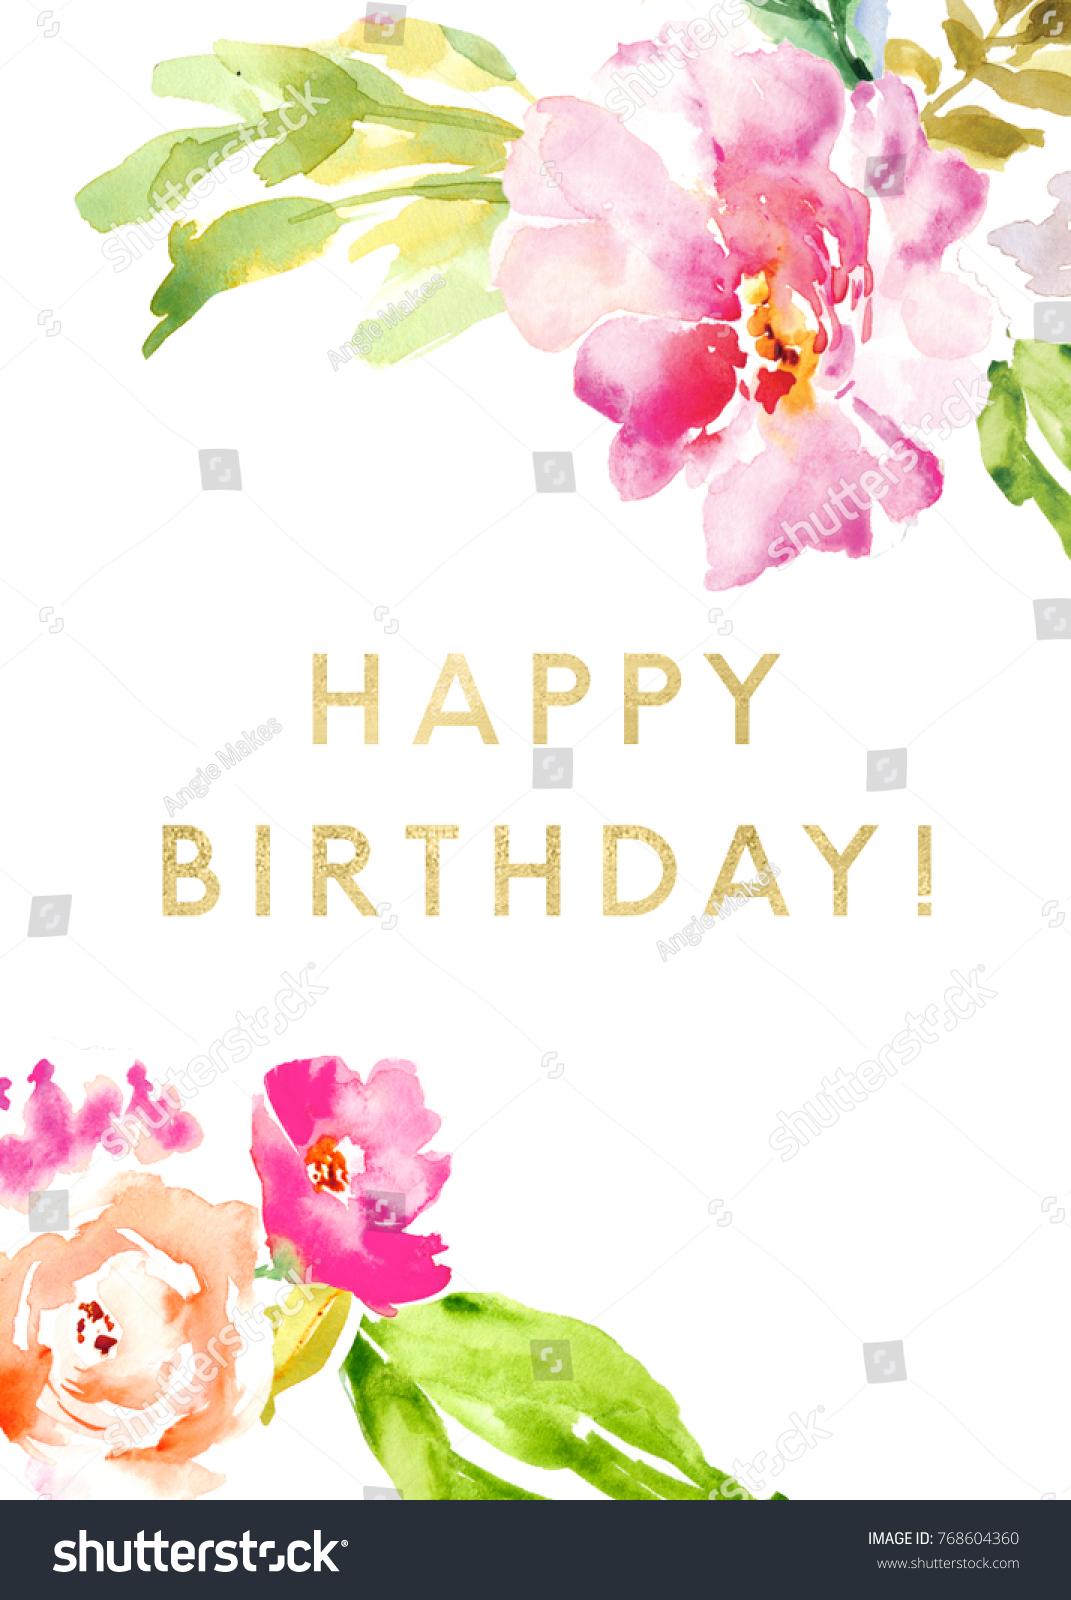 Cute printable happy birthday card flowers stock illustration cute printable happy birthday card with flowers kristyandbryce Gallery